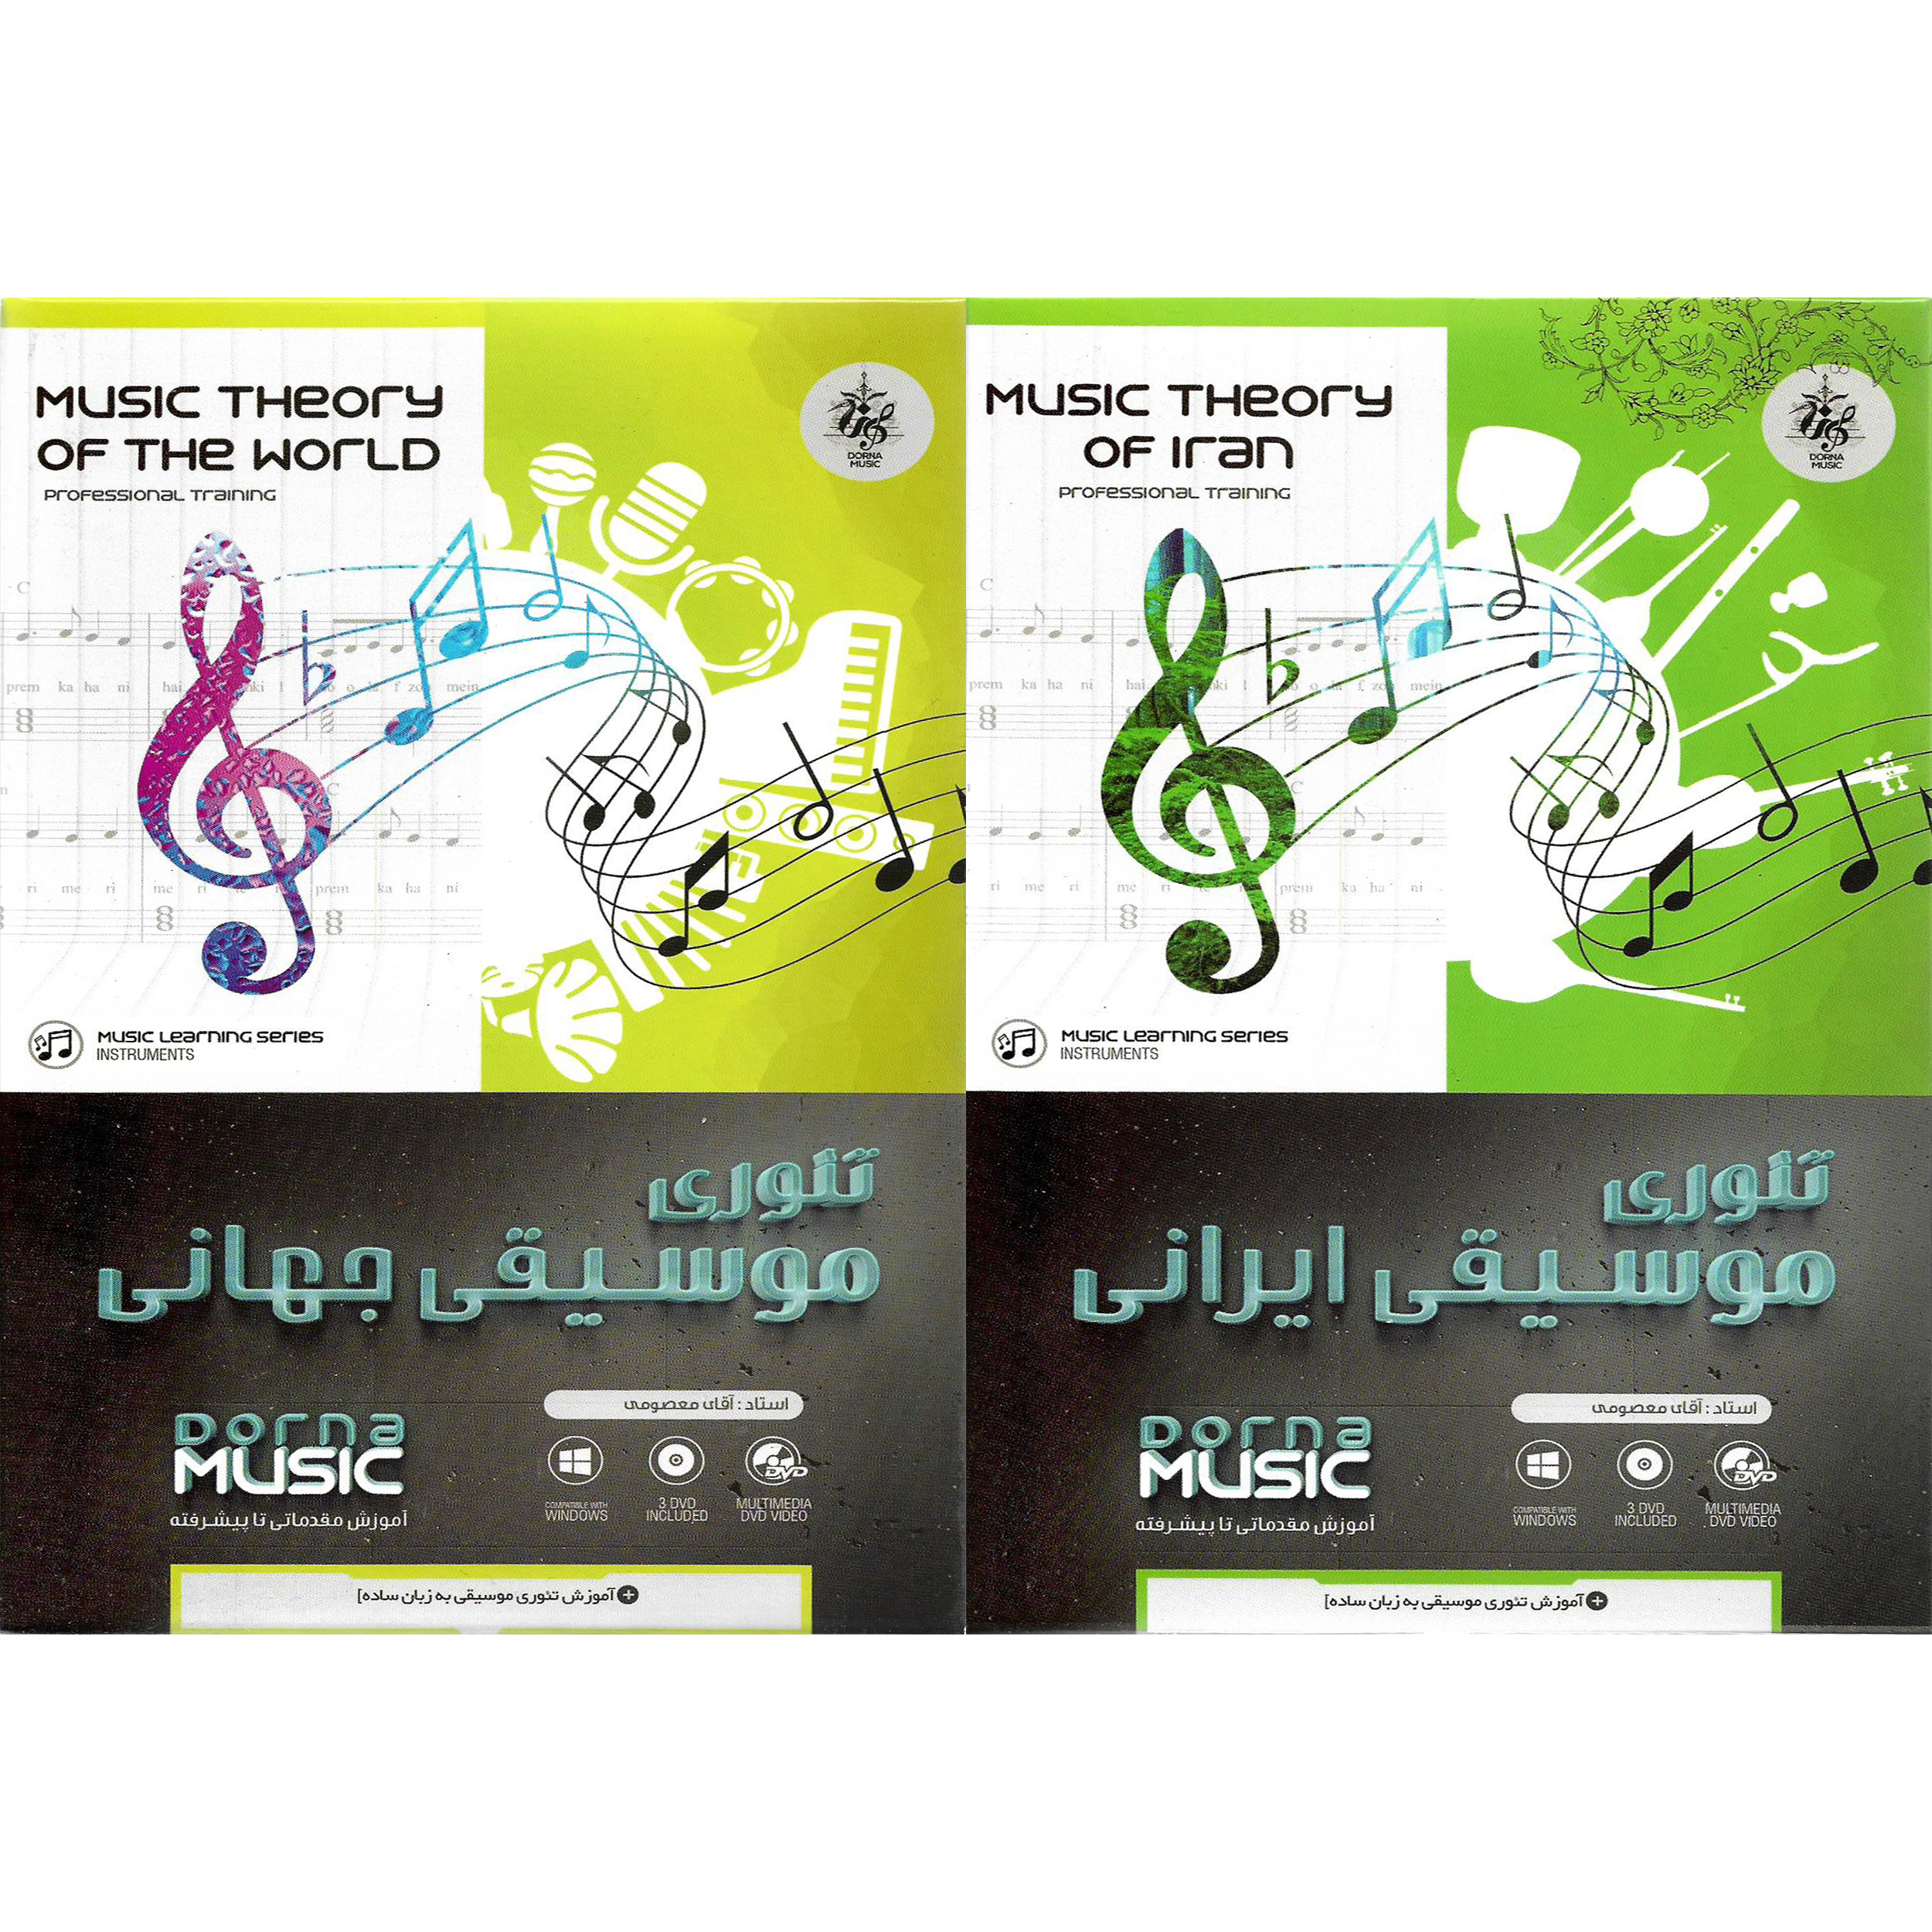 نرم افزار آموزش تئوری موسیقی ایرانی نشر درنا به همراه نرم افزار آموزش تئوری موسیقی جهانی نشر درنا